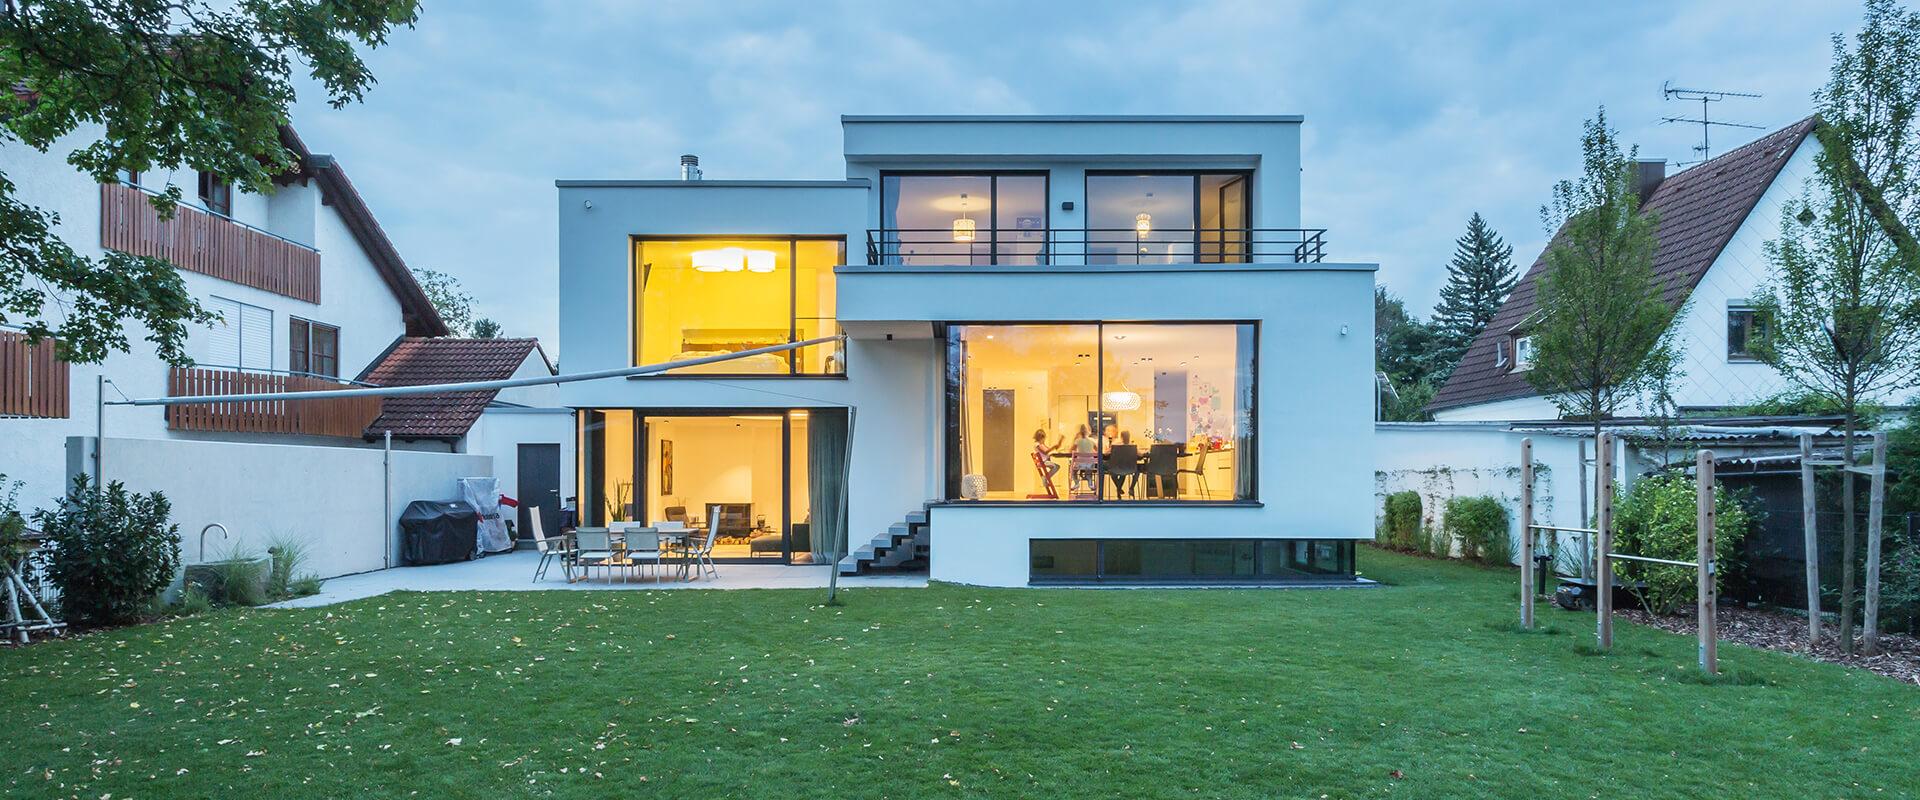 Architekt München Ost | Einfamilienhaus Trudering - Haus H - Gallist ...